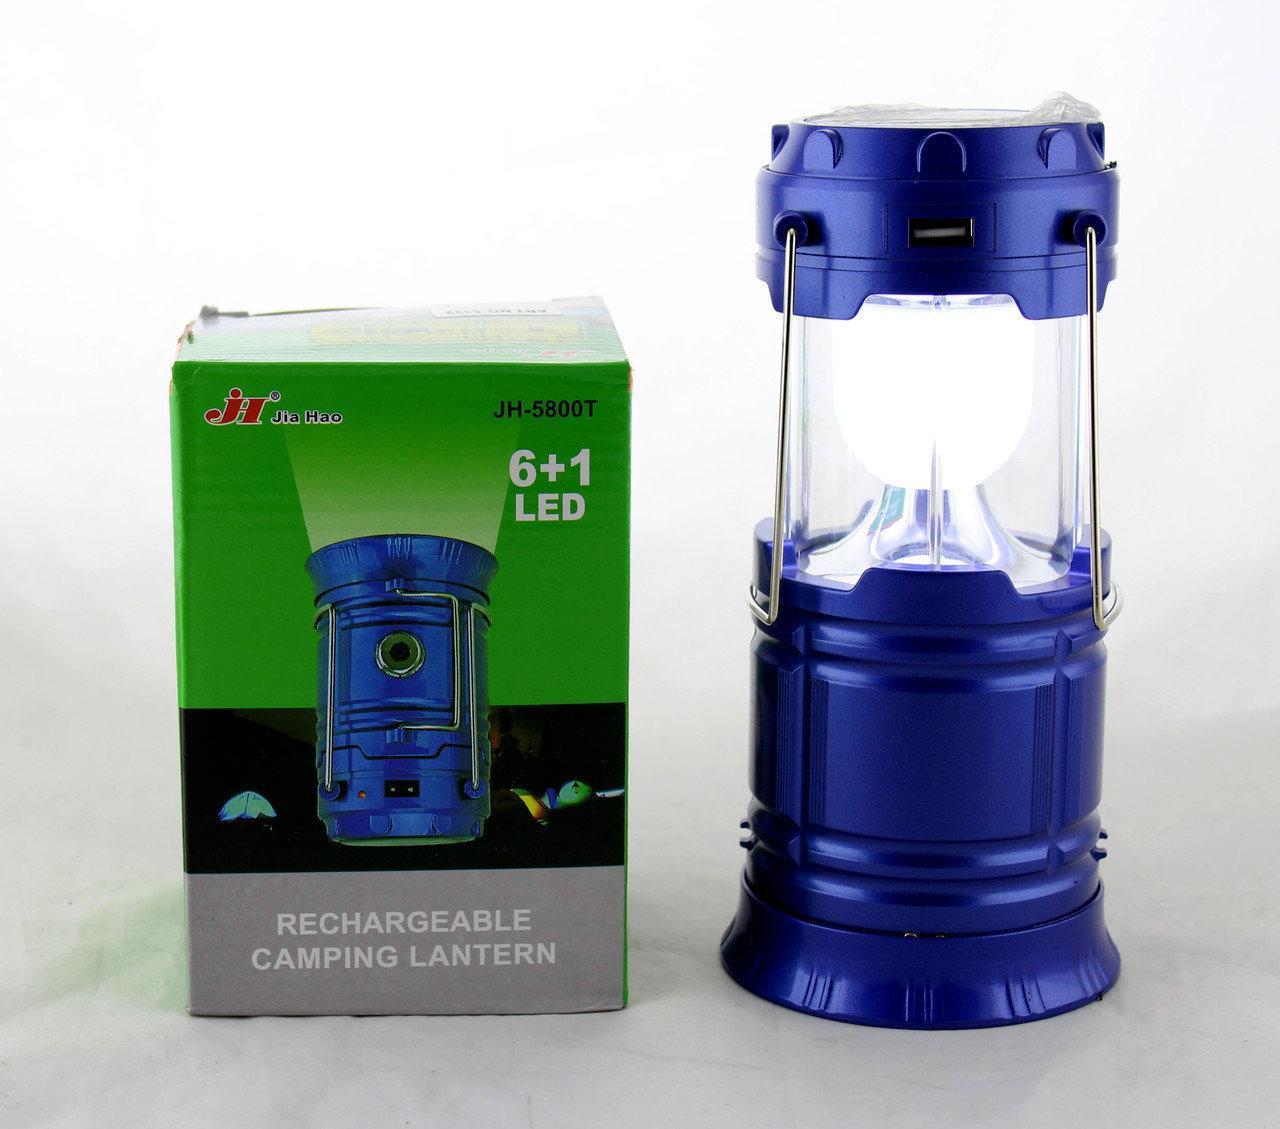 Кемпинговый фонарь светодиодный ручной с солнечной батареей встроенным аккумулятором